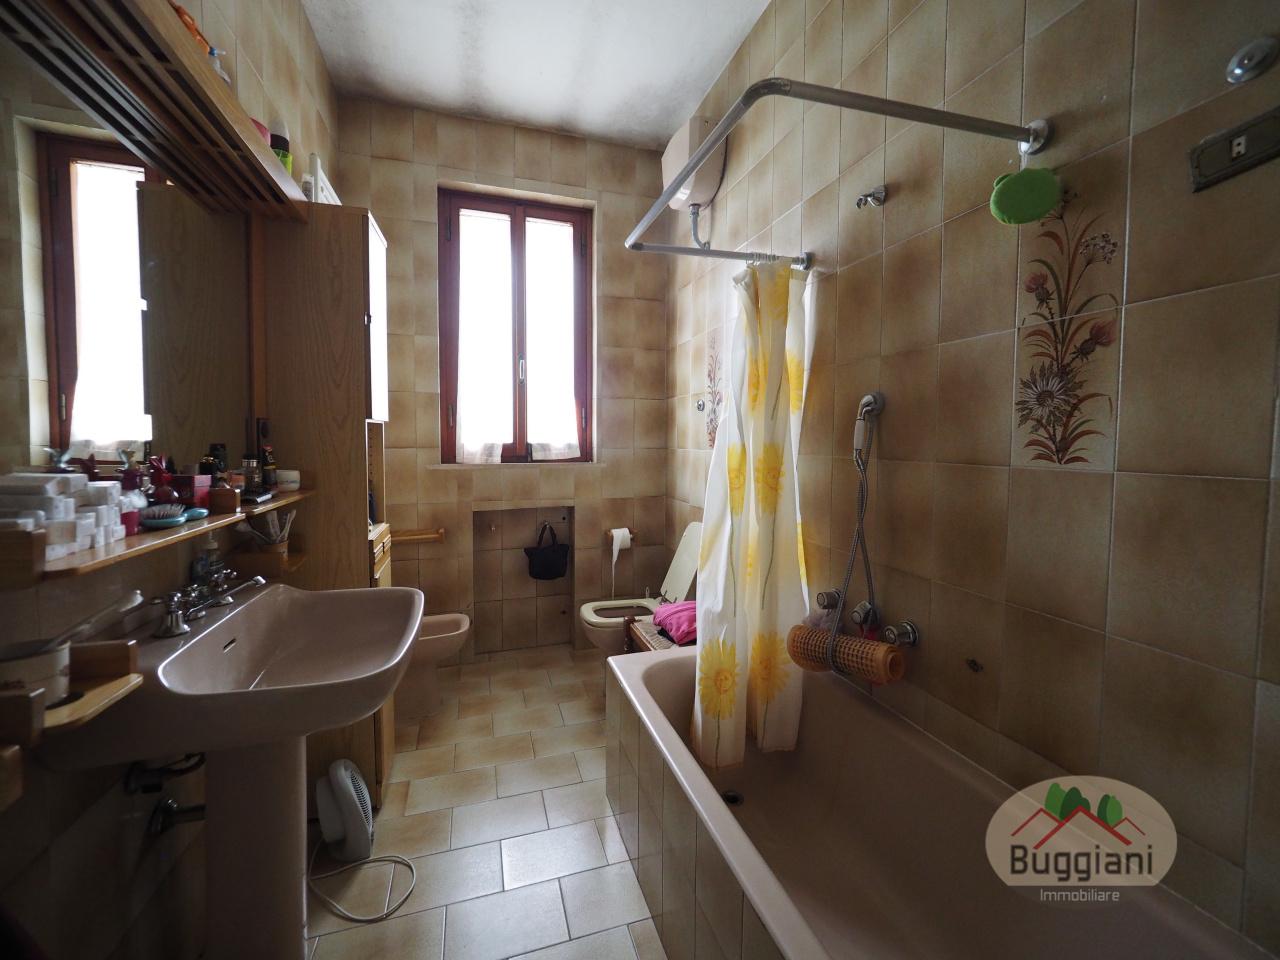 Appartamento in vendita RIF. 1696, San Miniato (PI)